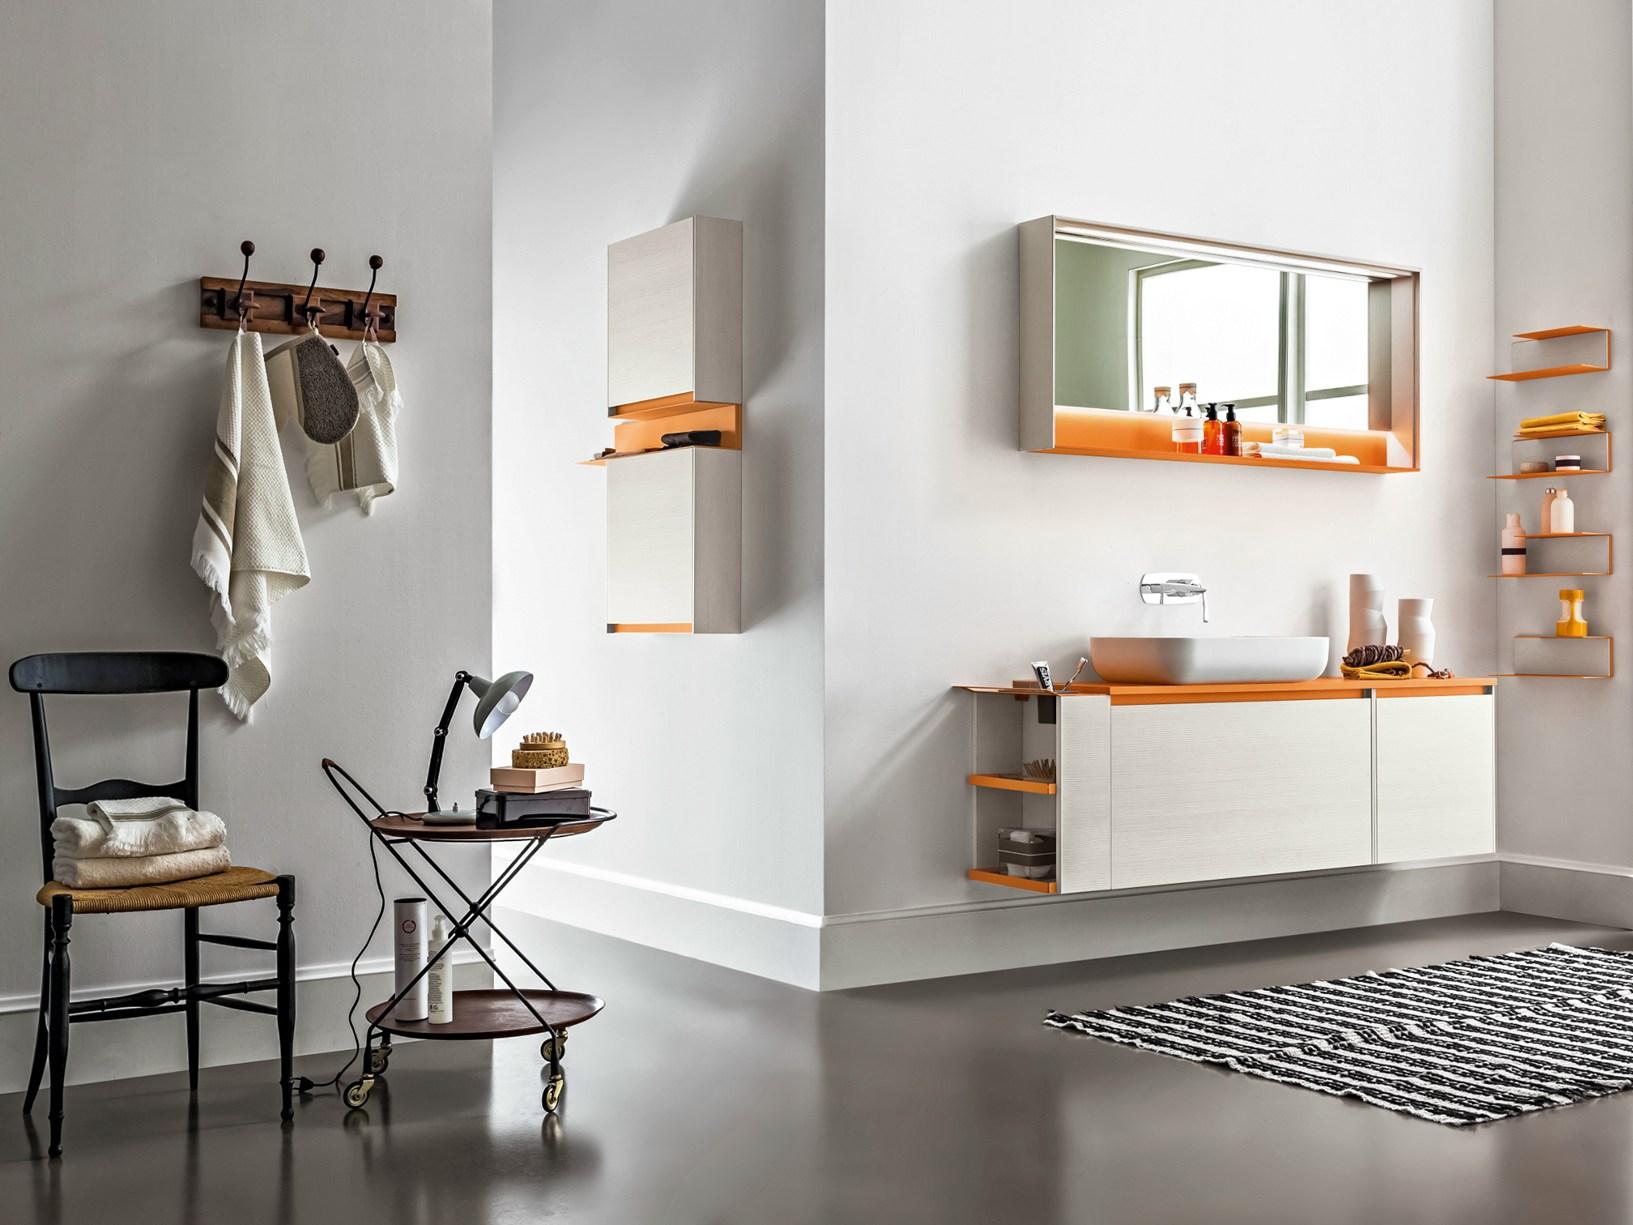 Soluzioni Piastrelle Bagno.Piastrelle Bagno Arancione Piastrelle Cucina Idee E